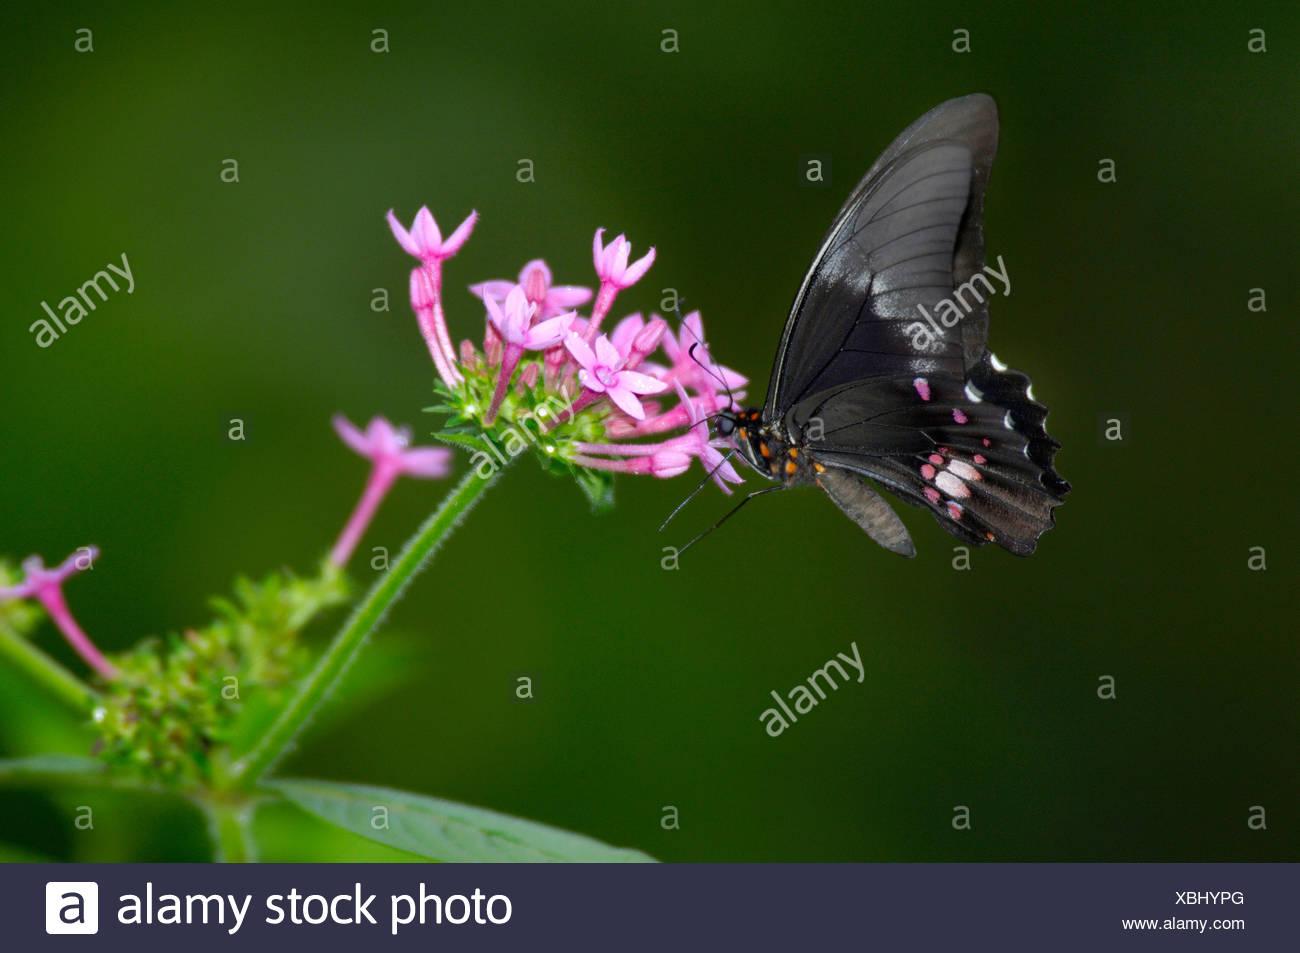 butterfly blossom flourish Parque das aves Foz do Iguazu Iguacu Iguassu Falls Parana Brazil - Stock Image